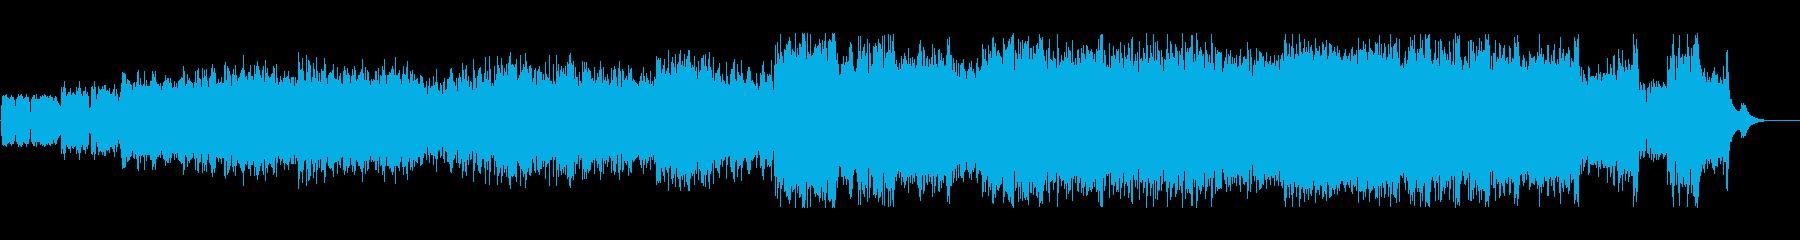 フィナーレを感じさせる壮大な曲の再生済みの波形